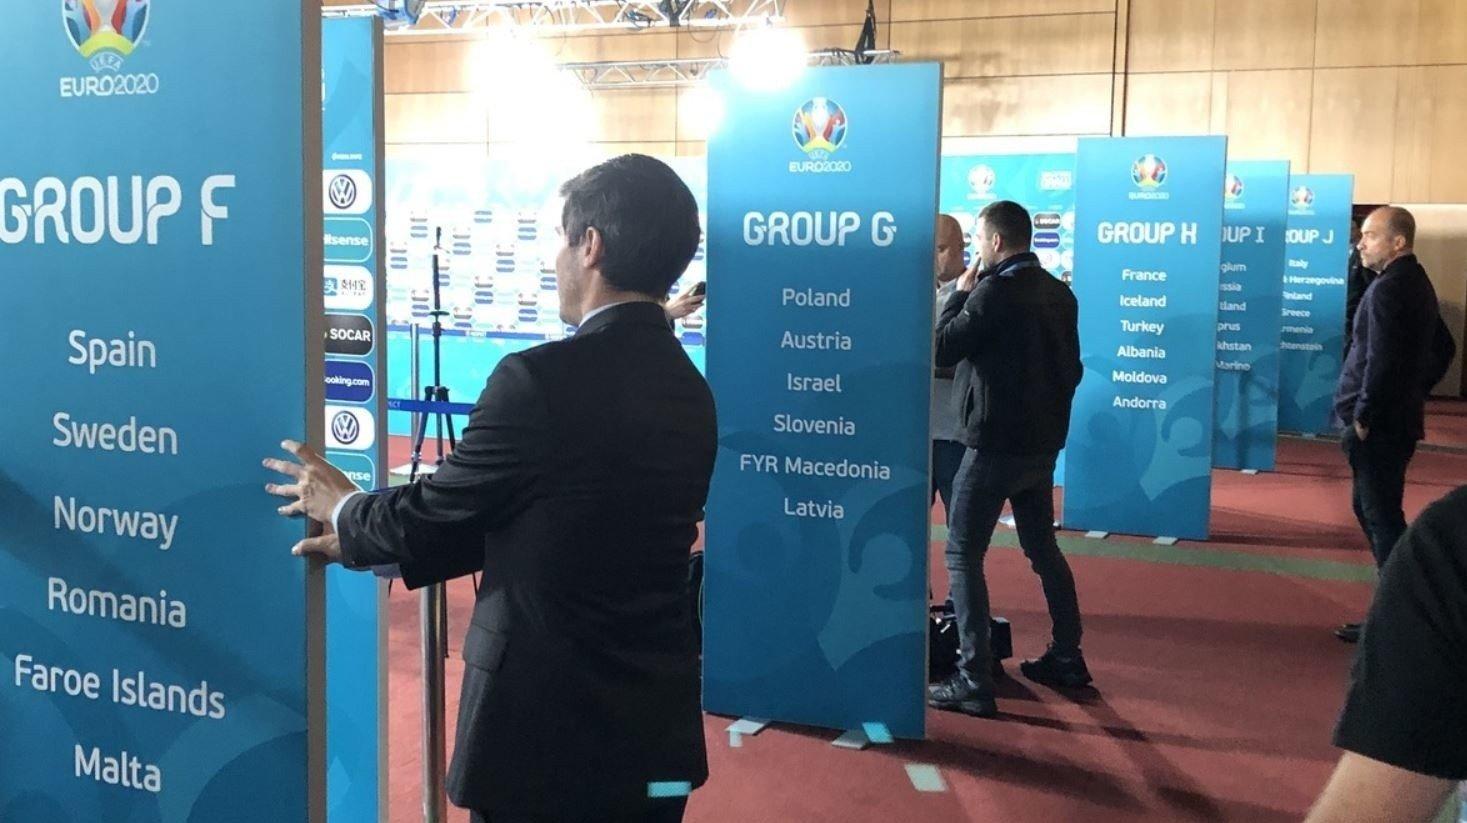 1366a9fda Eliminacje Euro 2020 POLSKA GRUPA G Terminarz meczów z Austrią, Izraelem,  Słowenią, Macedonią, Łotwą GRUPY EURO 2020   Dziennik Zachodni